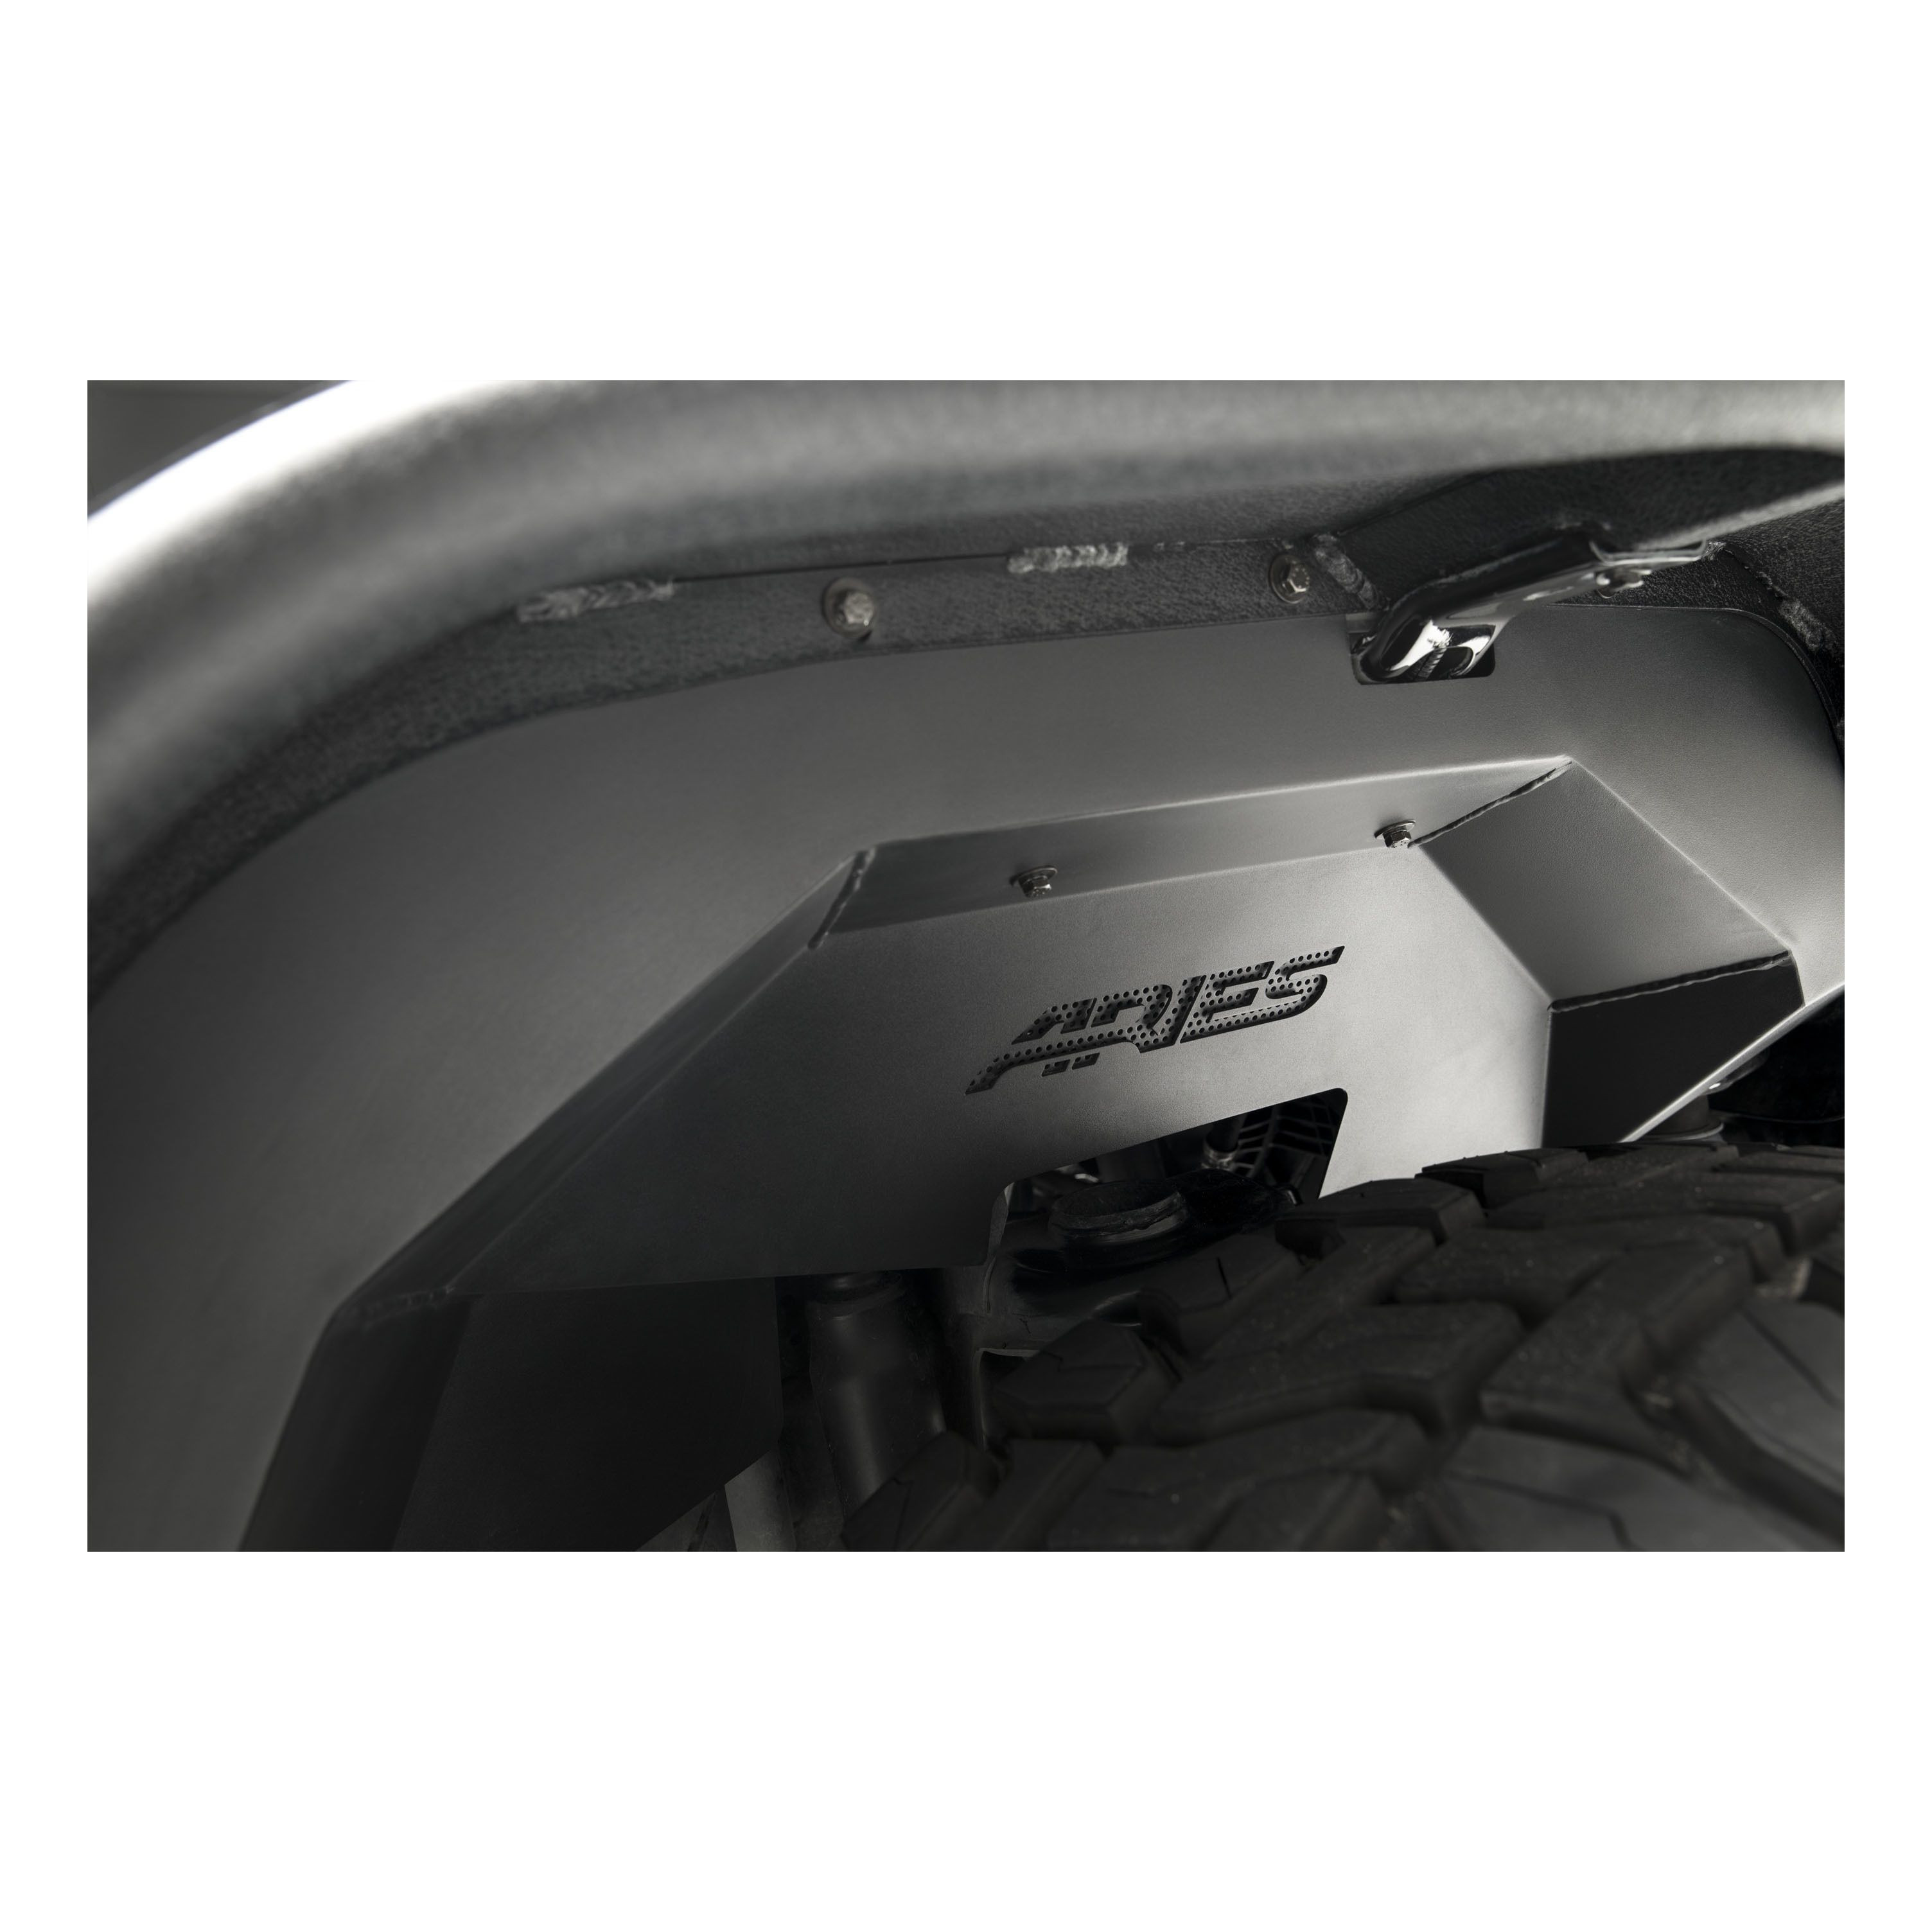 Aries Automotive Front & Rear Inner Fender Liners Set In Black For 2007-18 Jeep Wrangler JK 2 Door & Unlimited 4 Door Models 2500450